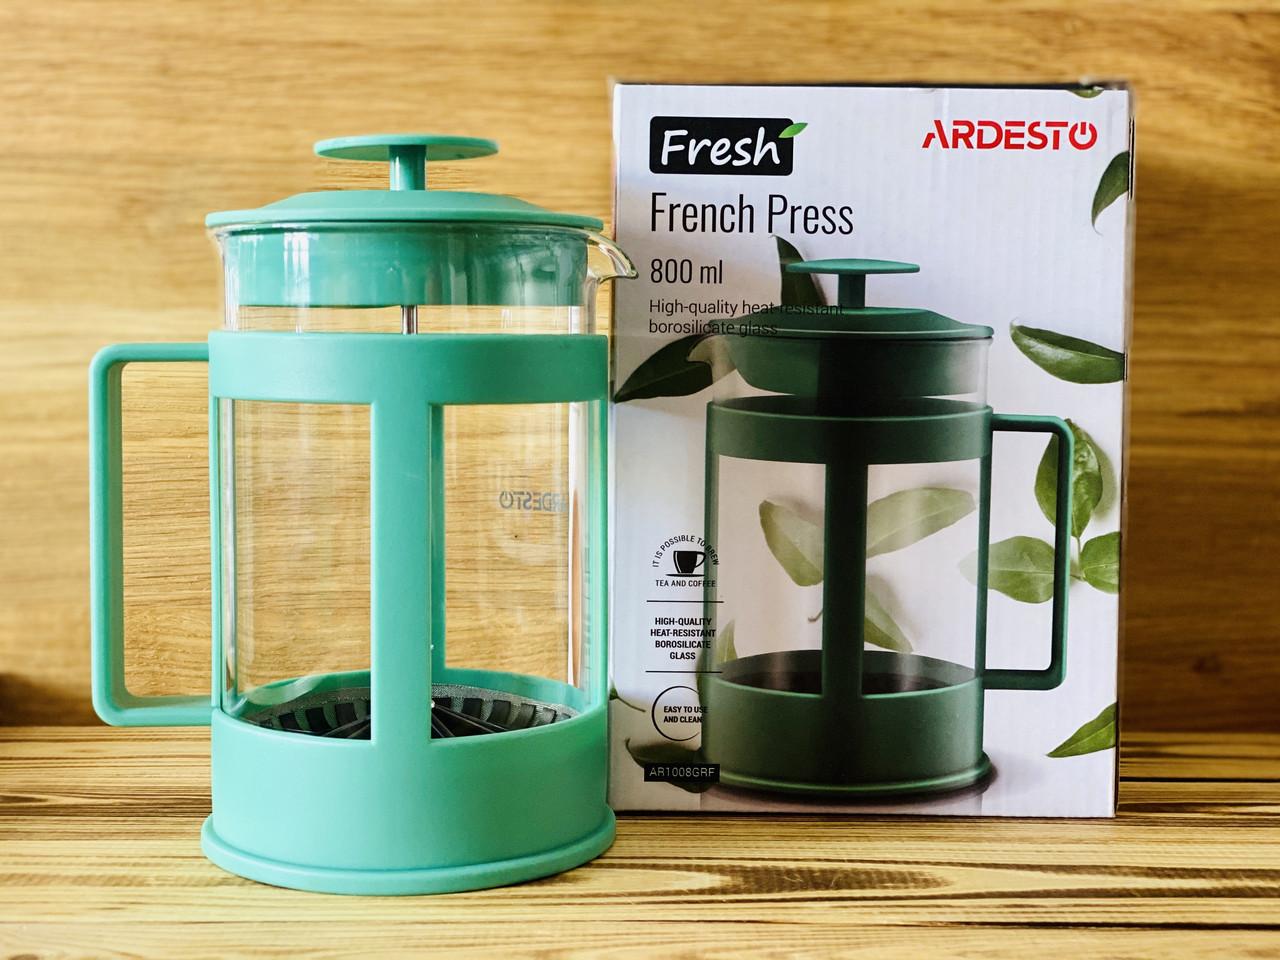 Заварювальний чайник Френч-прес 800мл Ardesto AR1008GRF